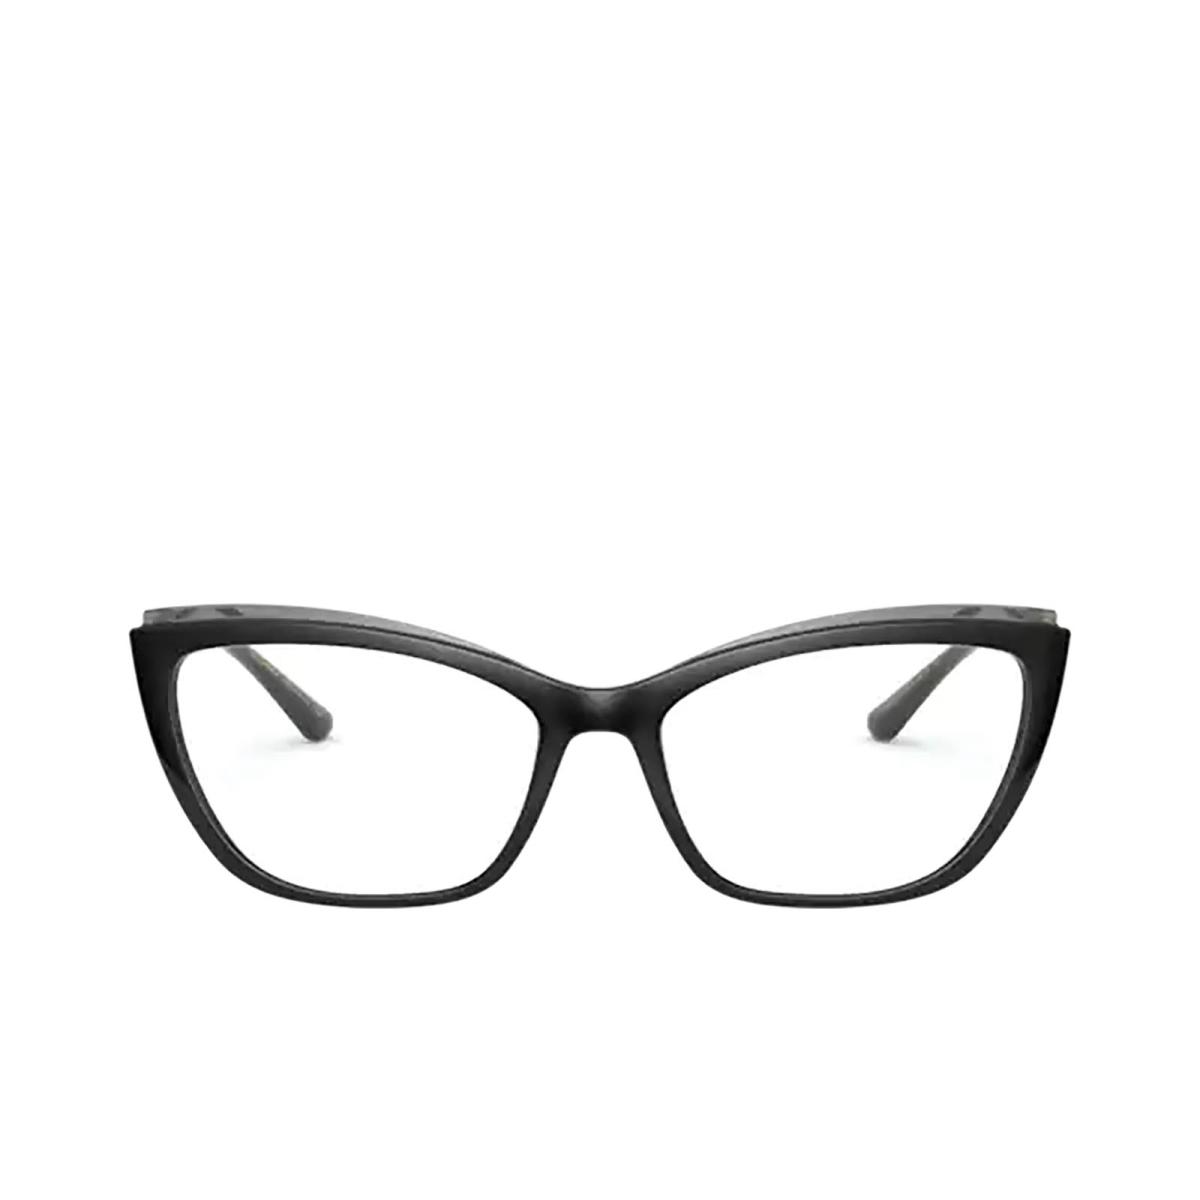 Dolce & Gabbana® Cat-eye Eyeglasses: DG5054 color Black On Transparent Grey 3246.